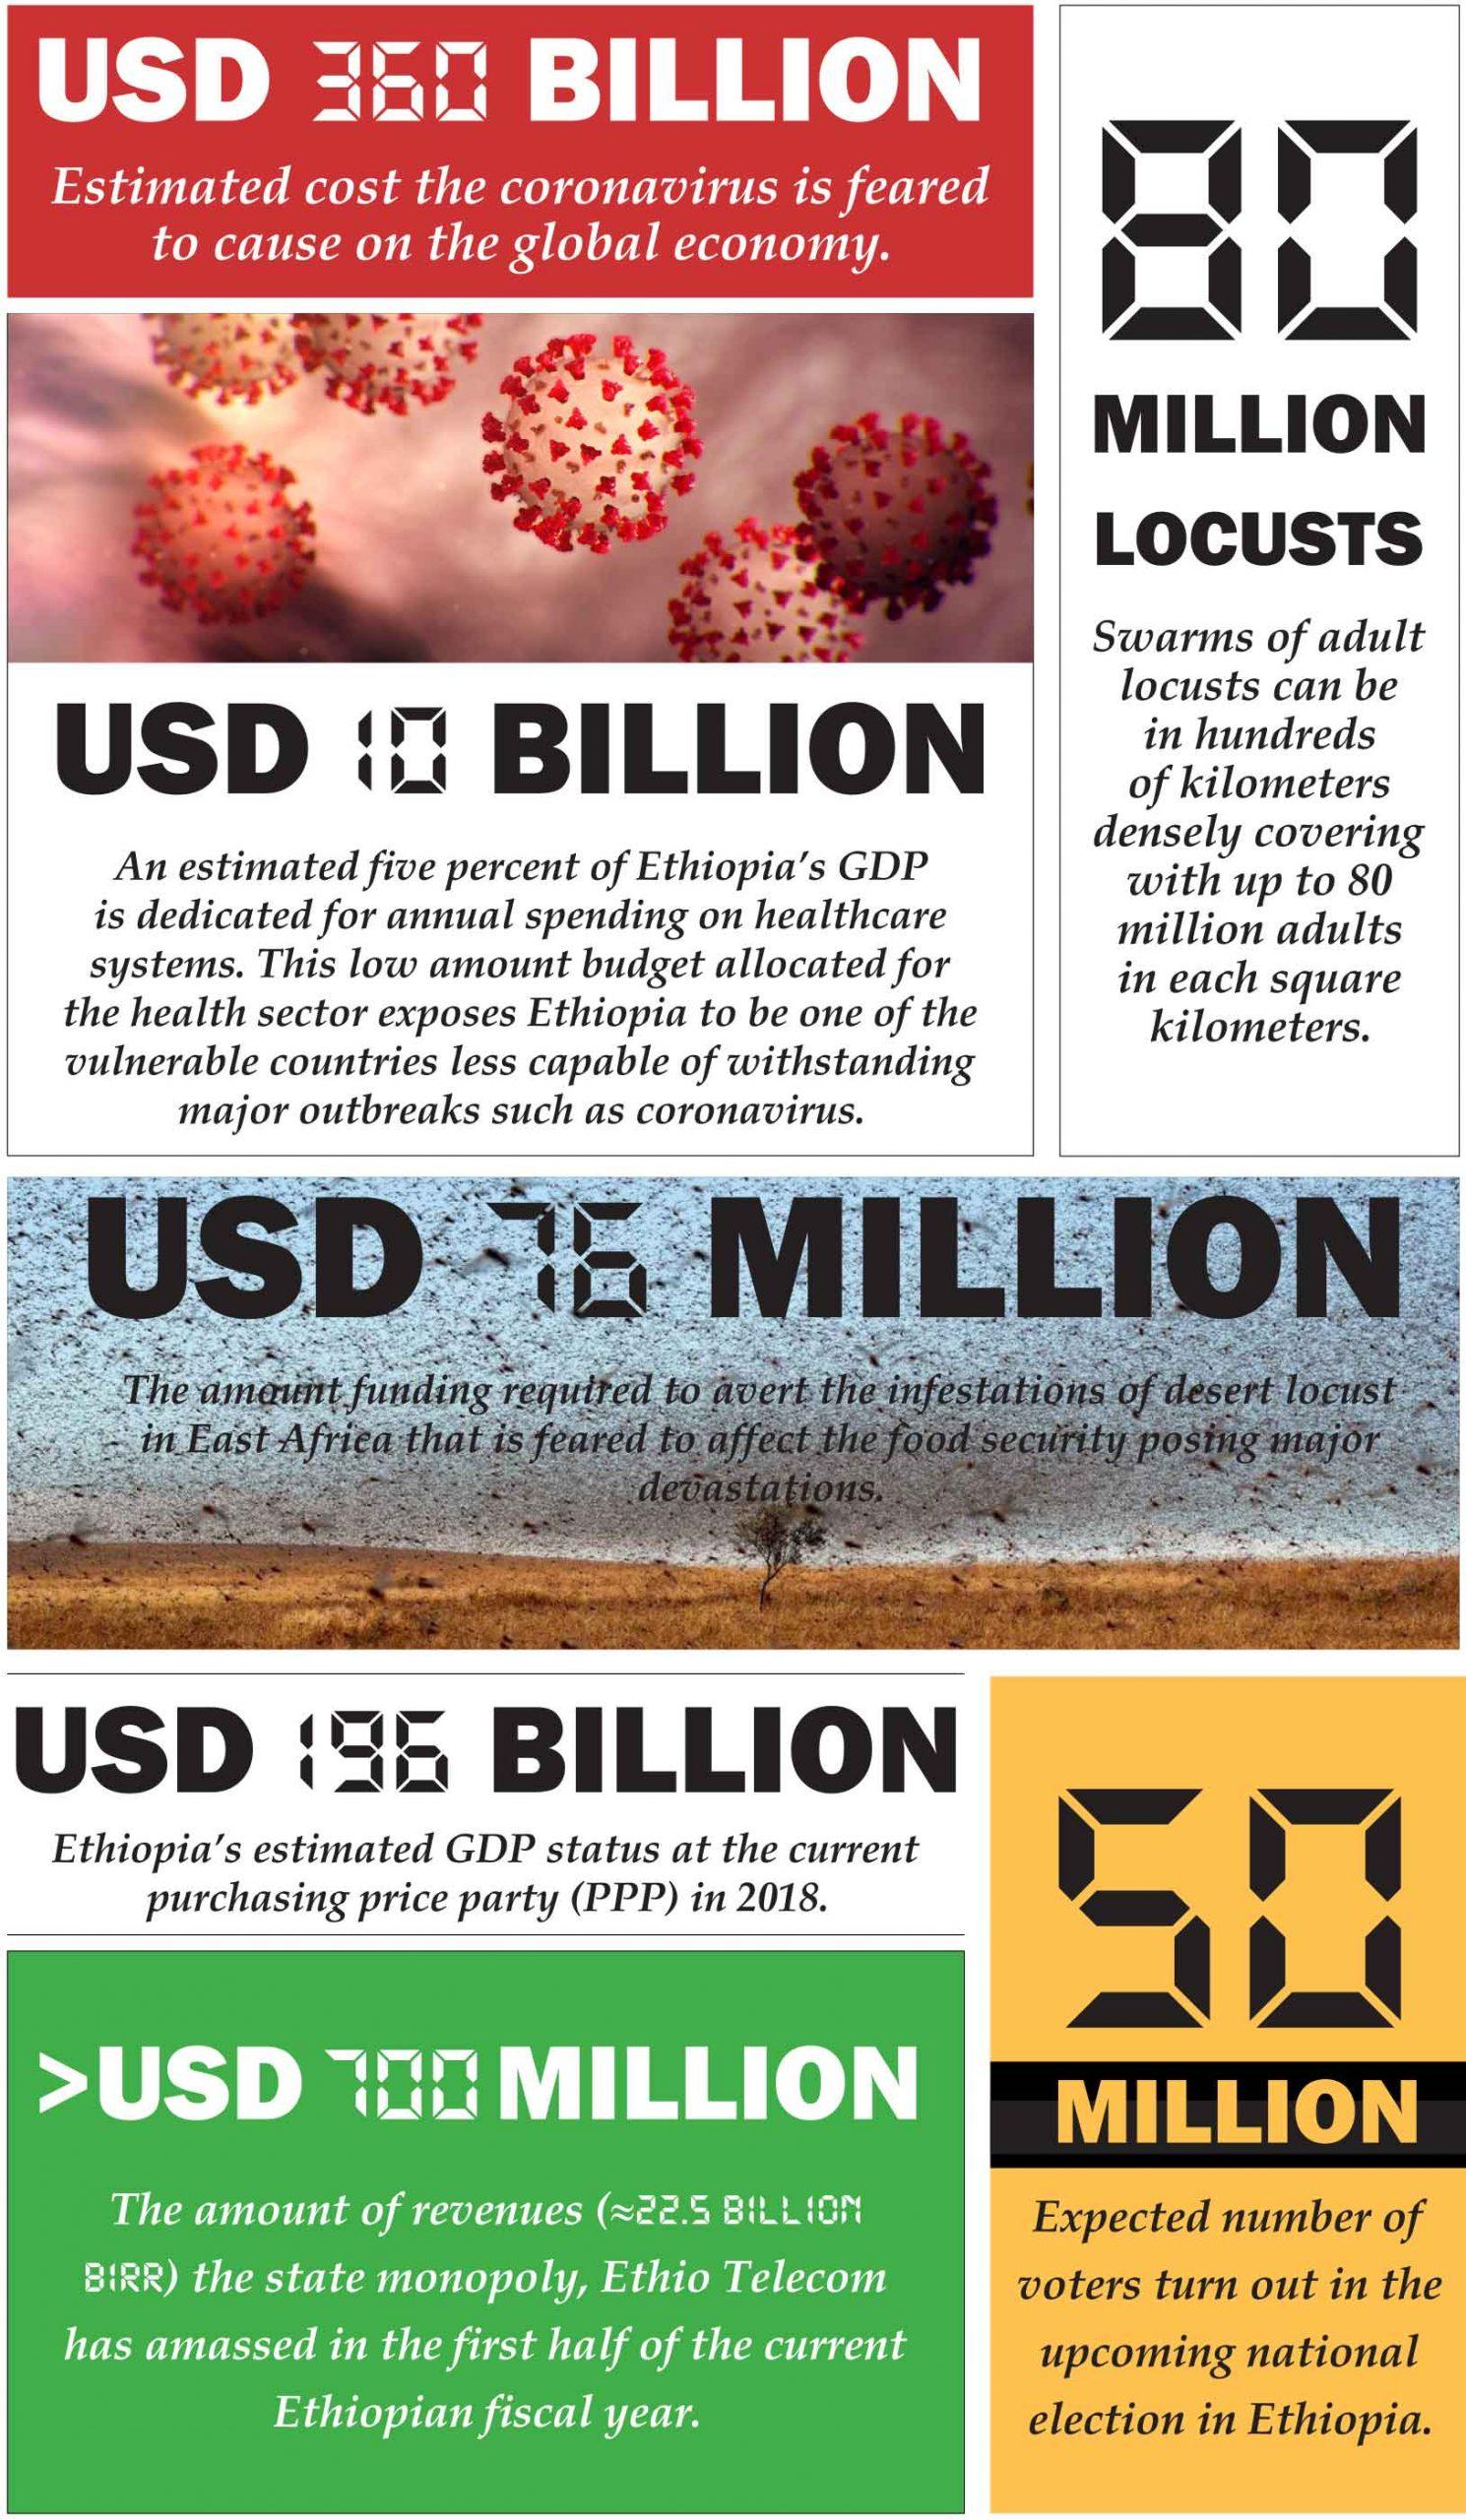 Vol. I No. 02, March 2020 - The Reporter Magazine | Ethiopian Magazine